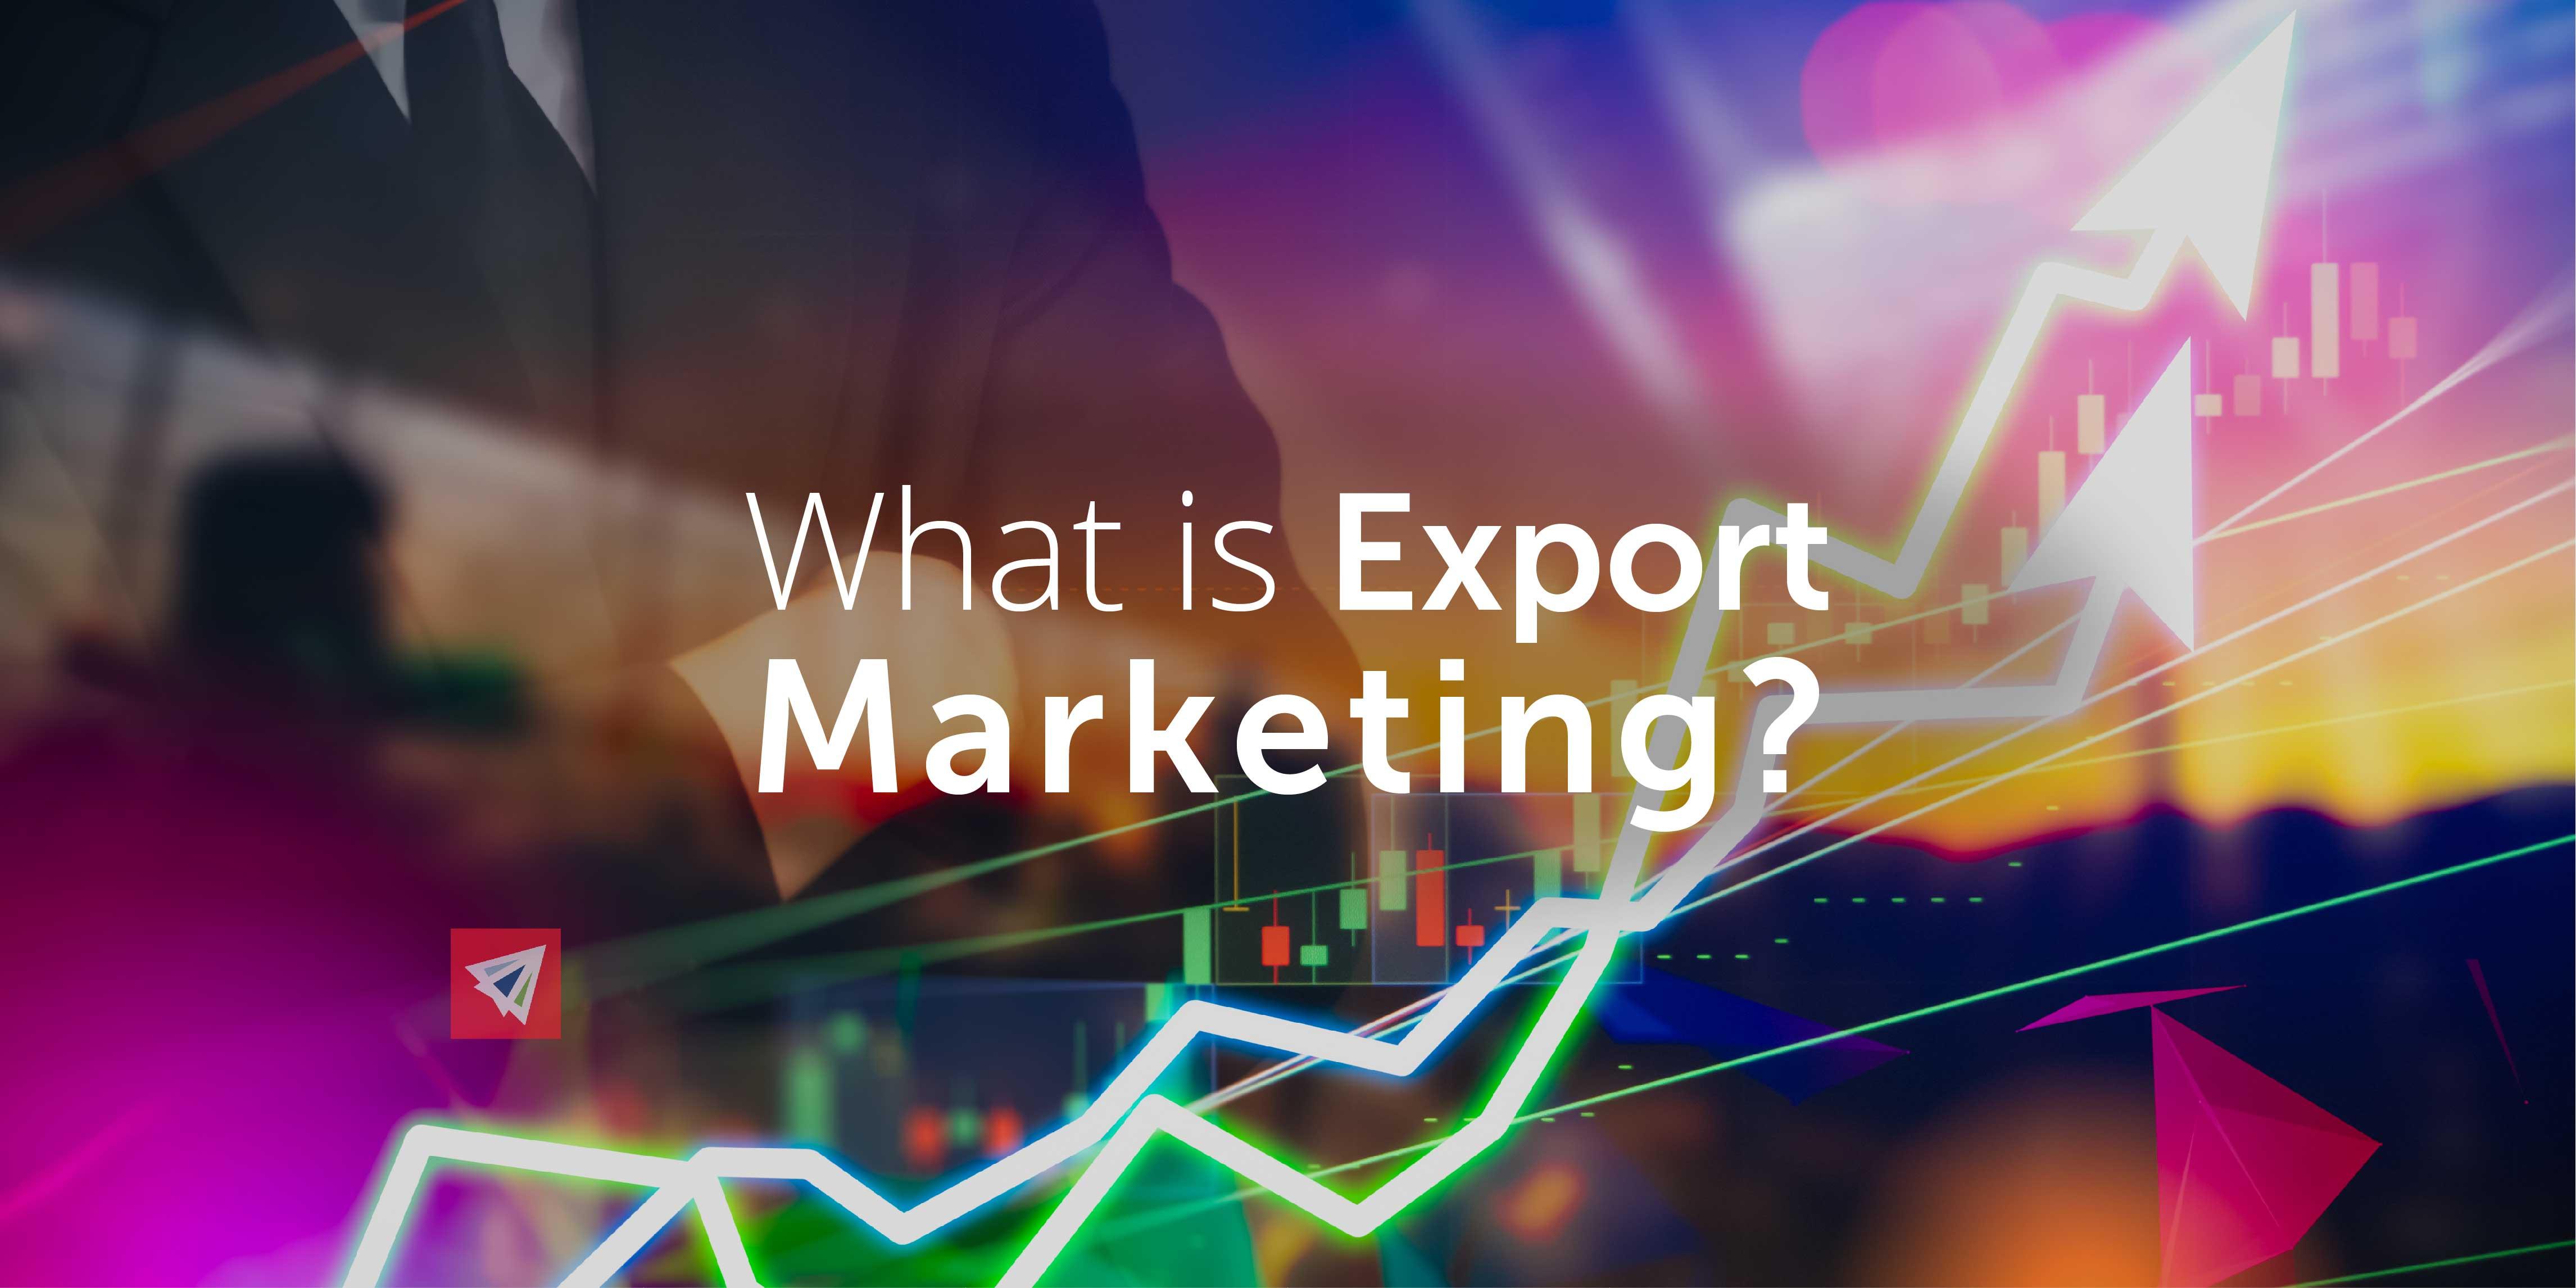 Marketing xuất khẩu (Export marketing) là gì? Đặc điểm - Ảnh 1.